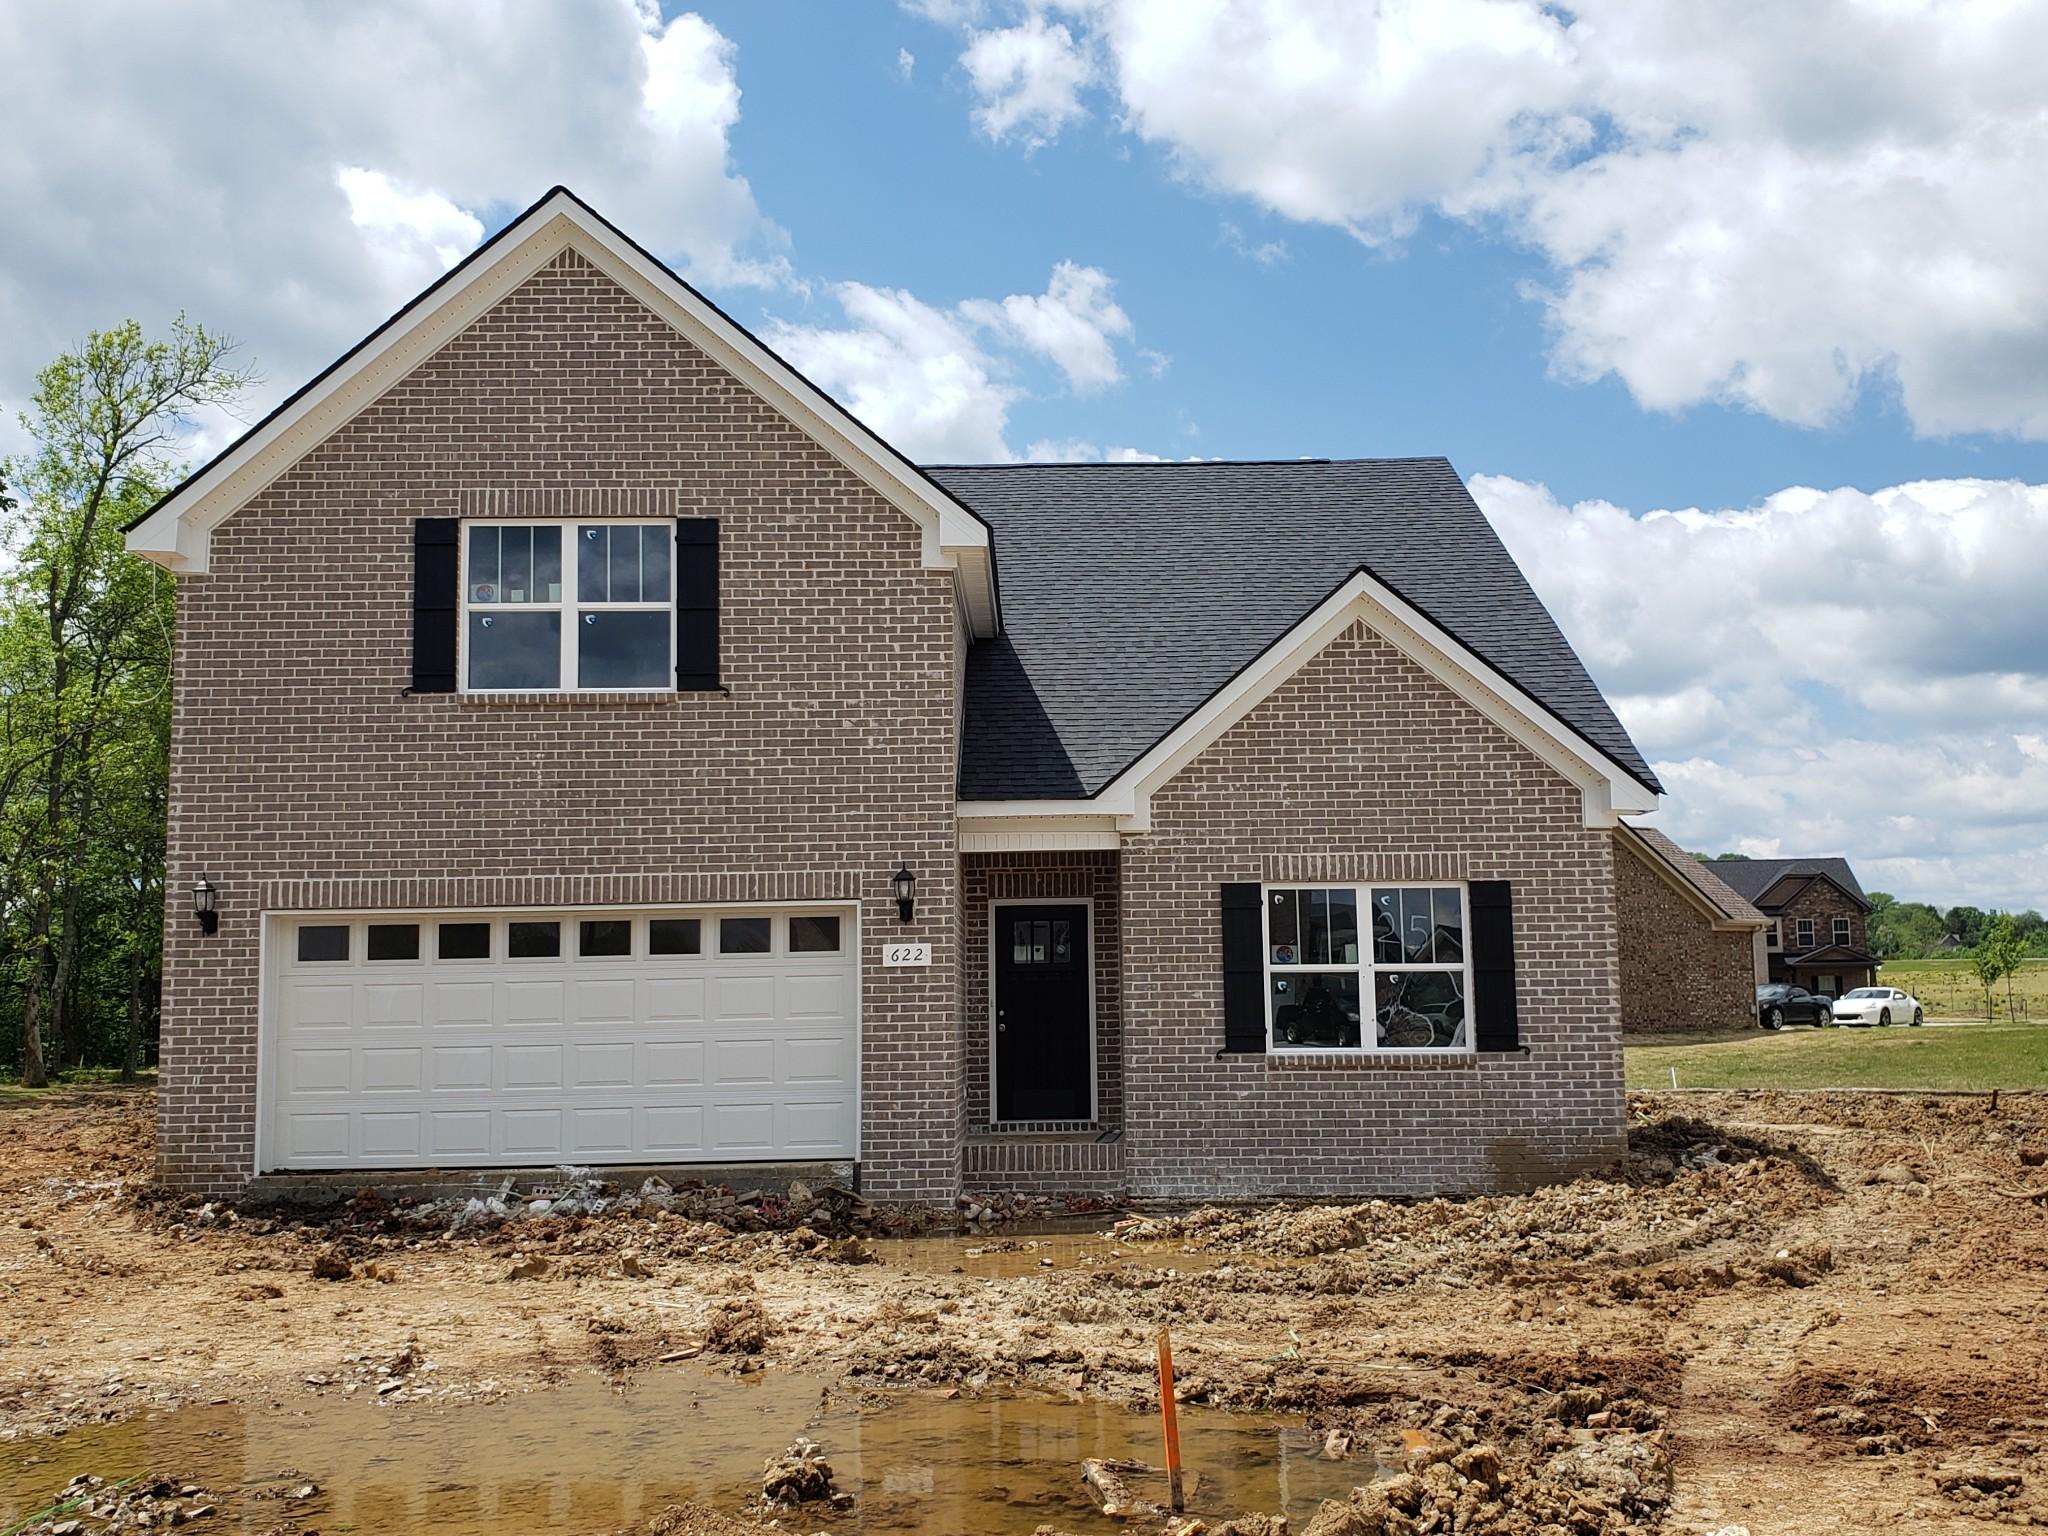 622 Golden Eagle Ct.- #25, Eagleville, TN 37060 - Eagleville, TN real estate listing